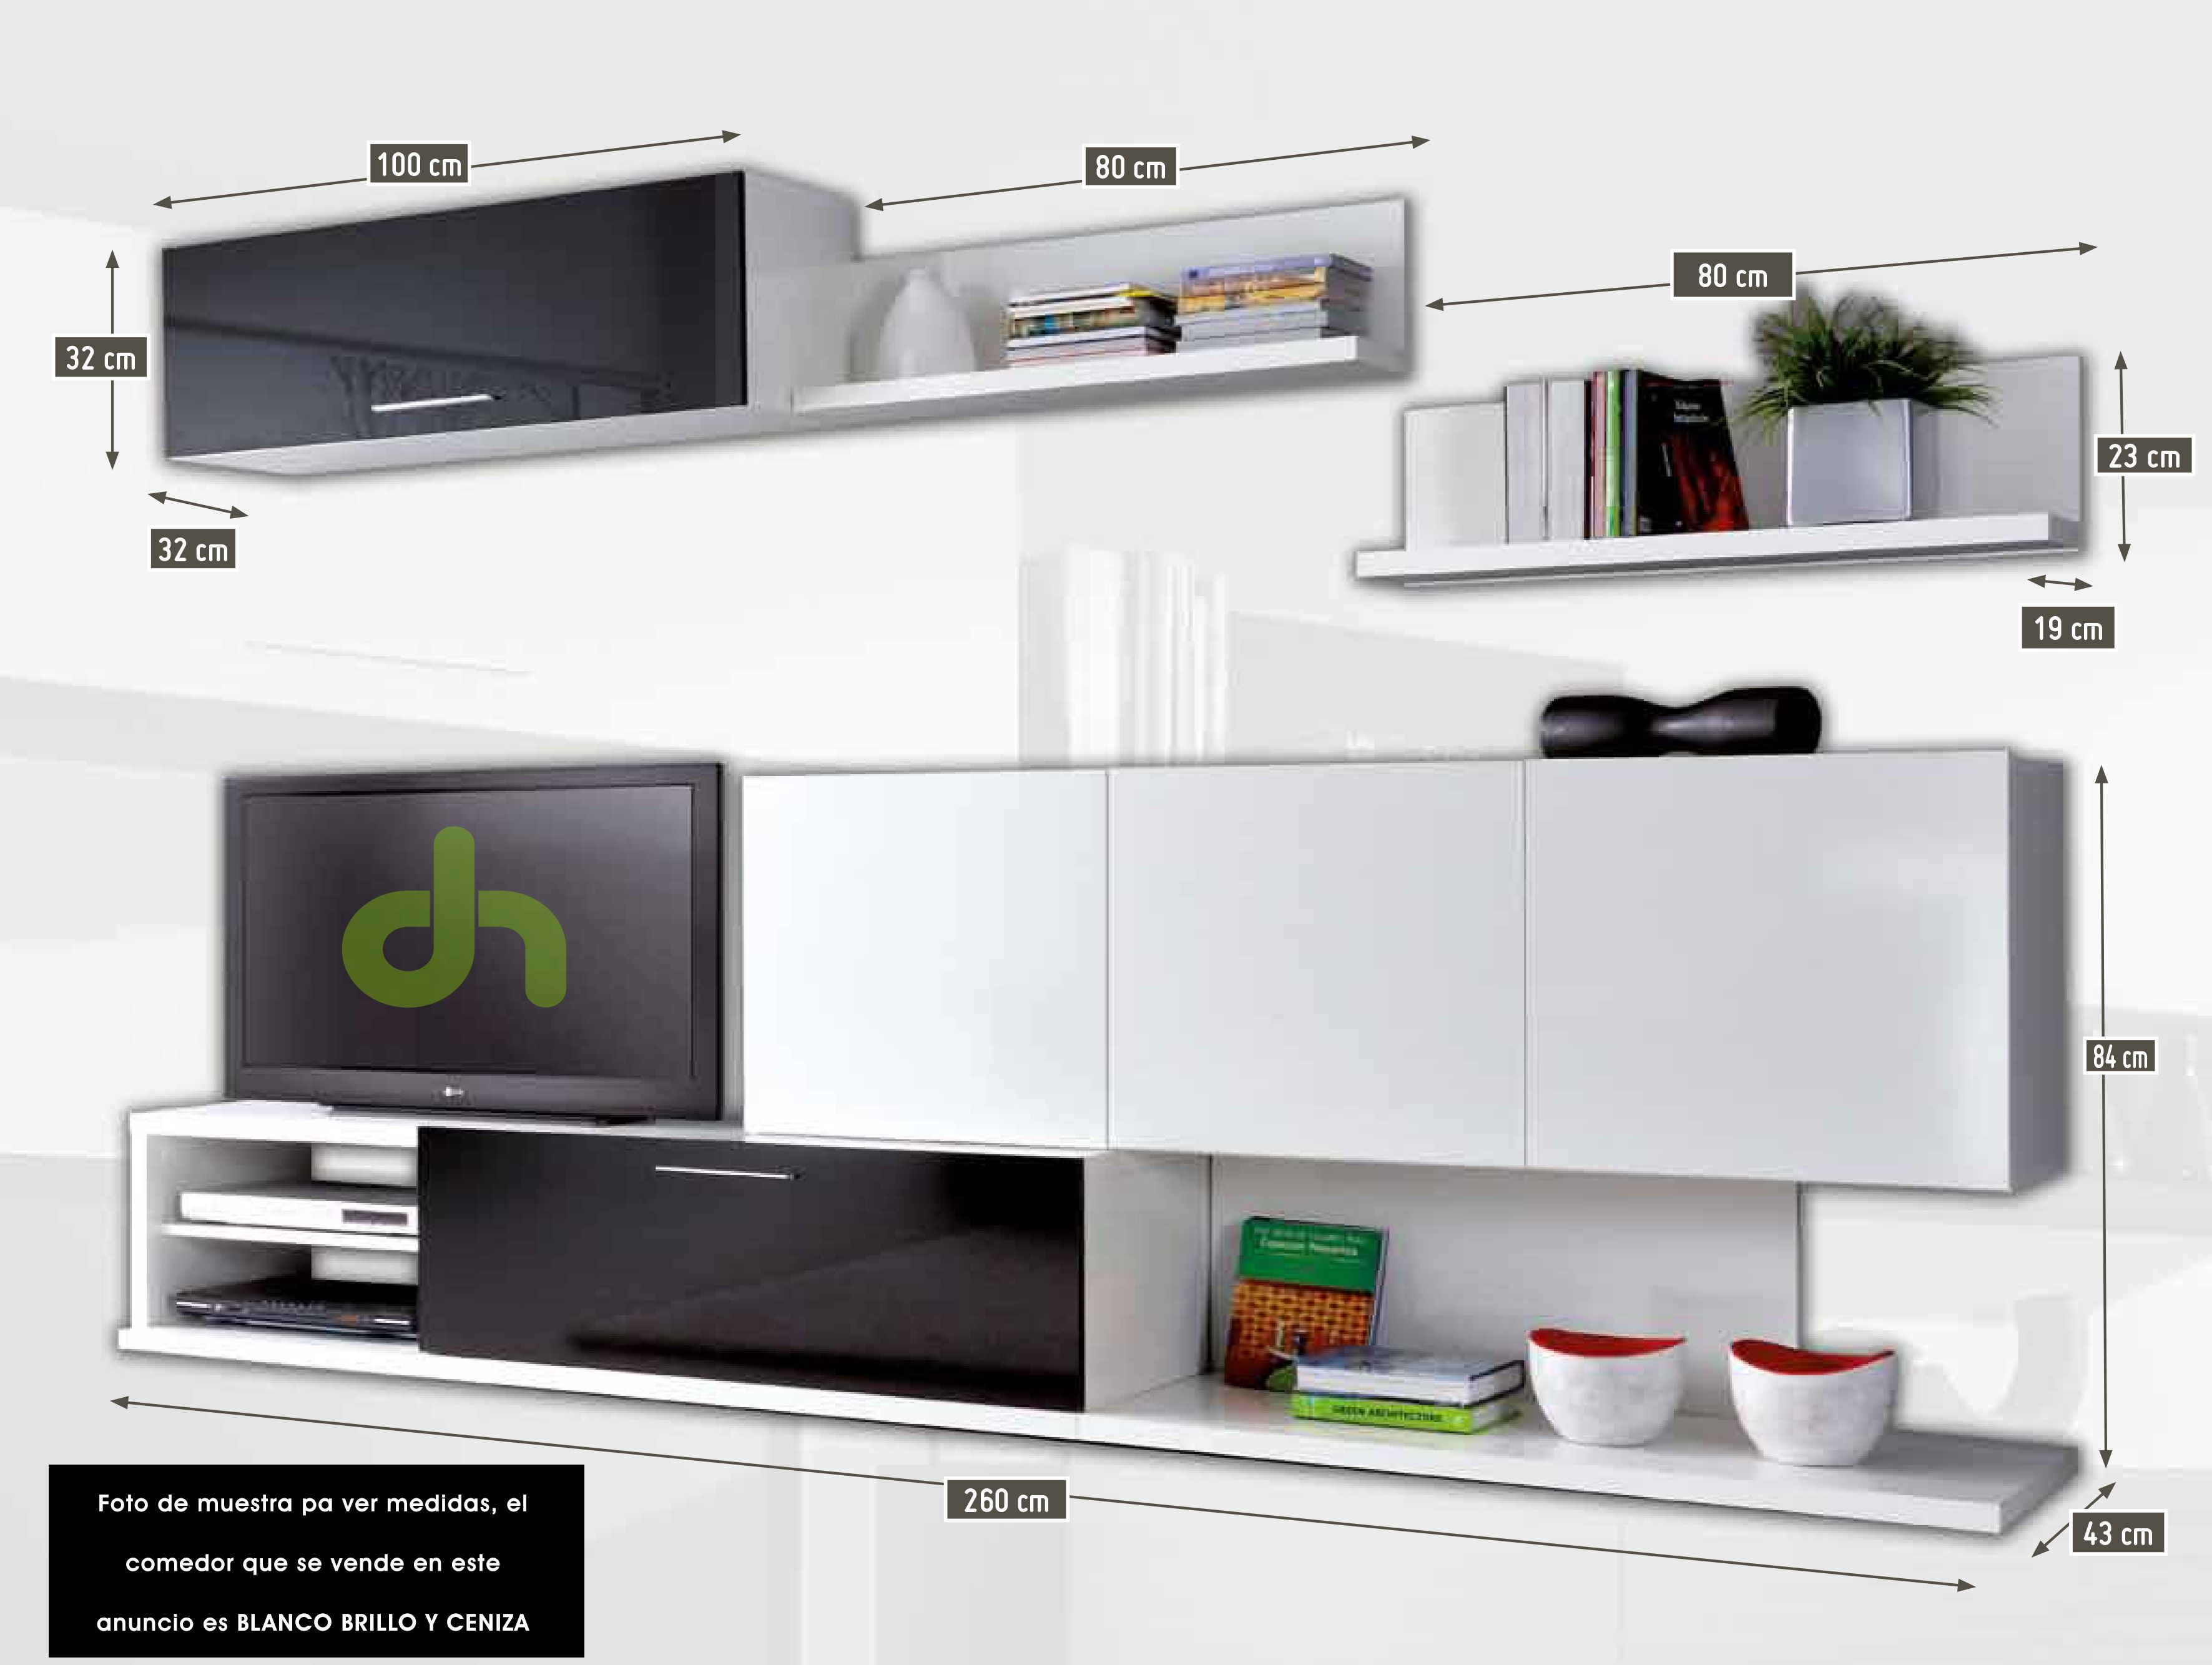 Medidas Mueble De Tv Buscar Con Google Muebles Para Televisor  # Modele De Meuble De Television